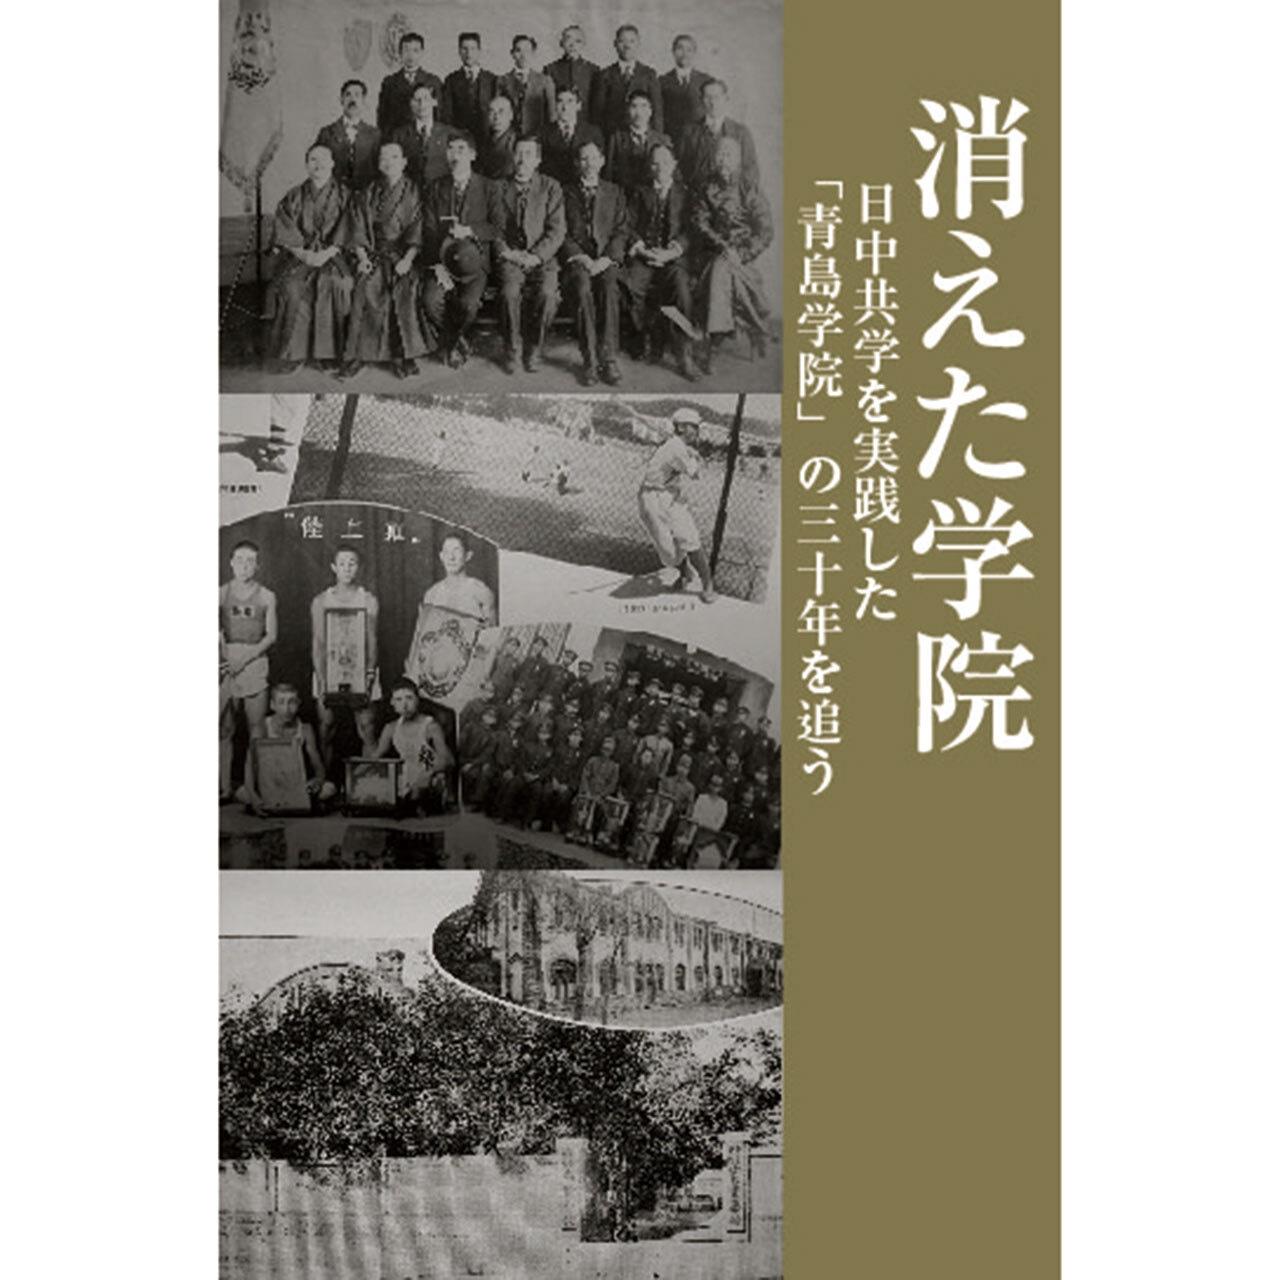 消えた学院  ~ 日中共学を実践した「青島学院」の三十年を追う ~